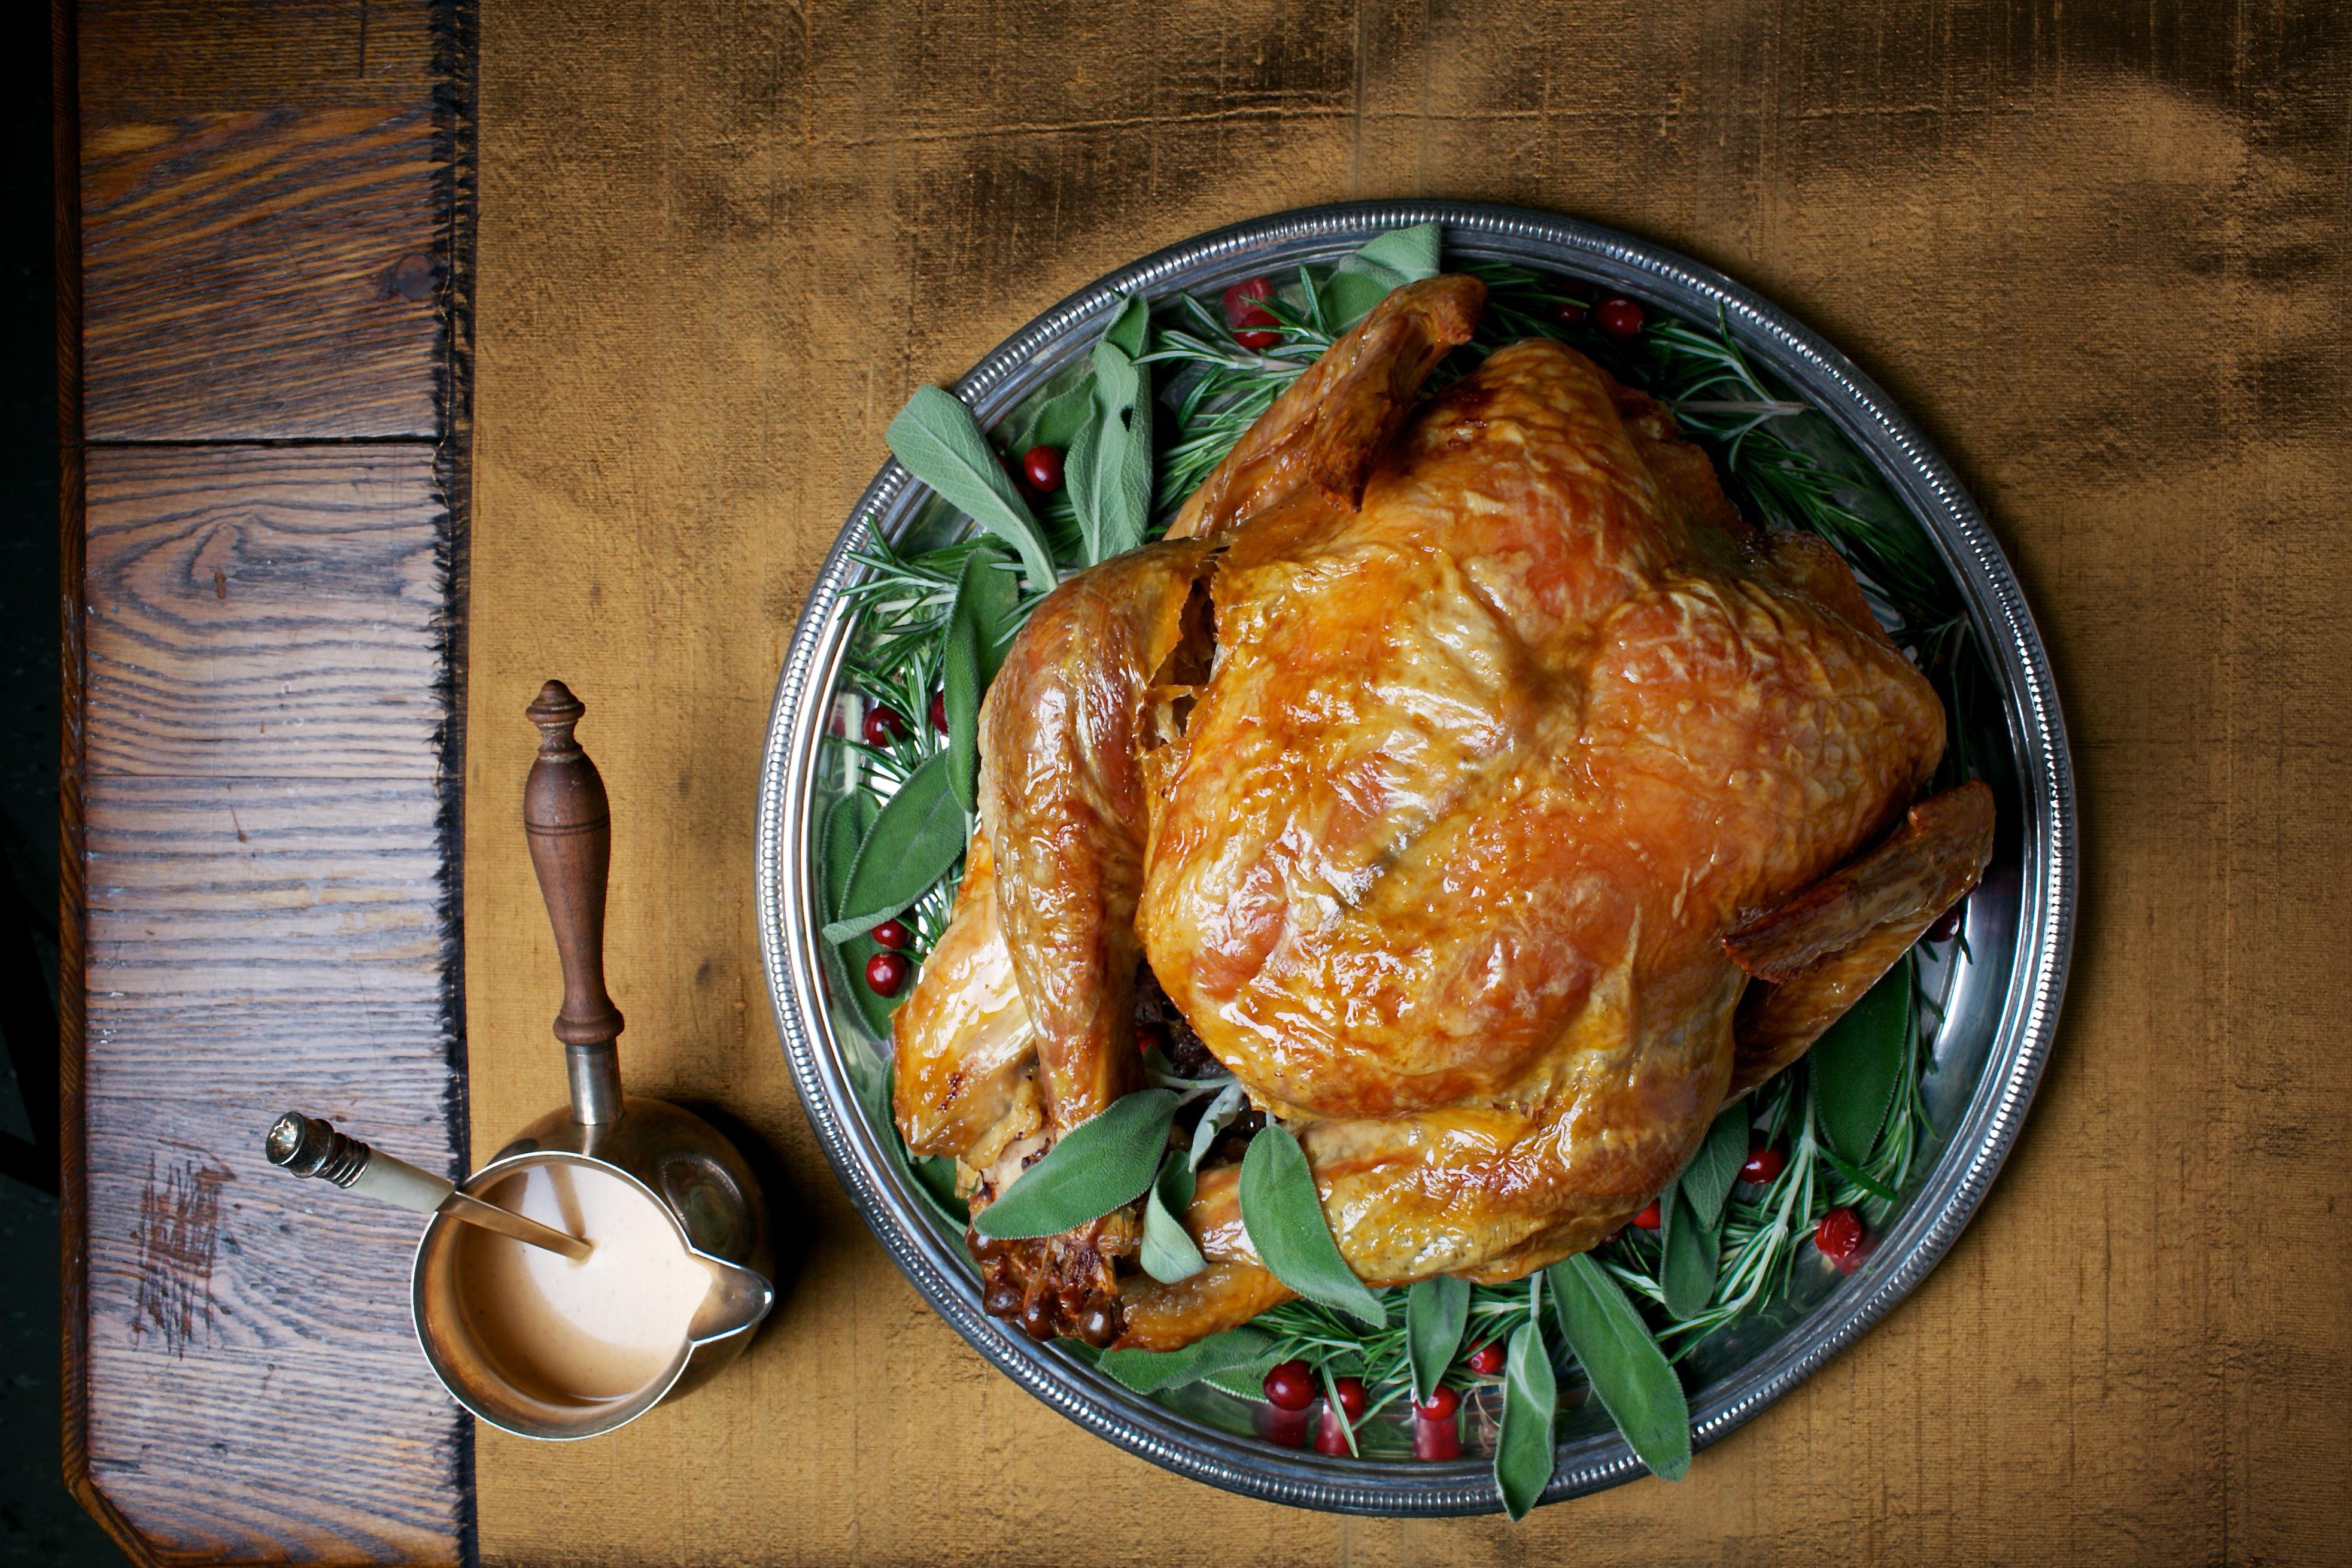 Simple Roast Turkey With Simplest Gravy